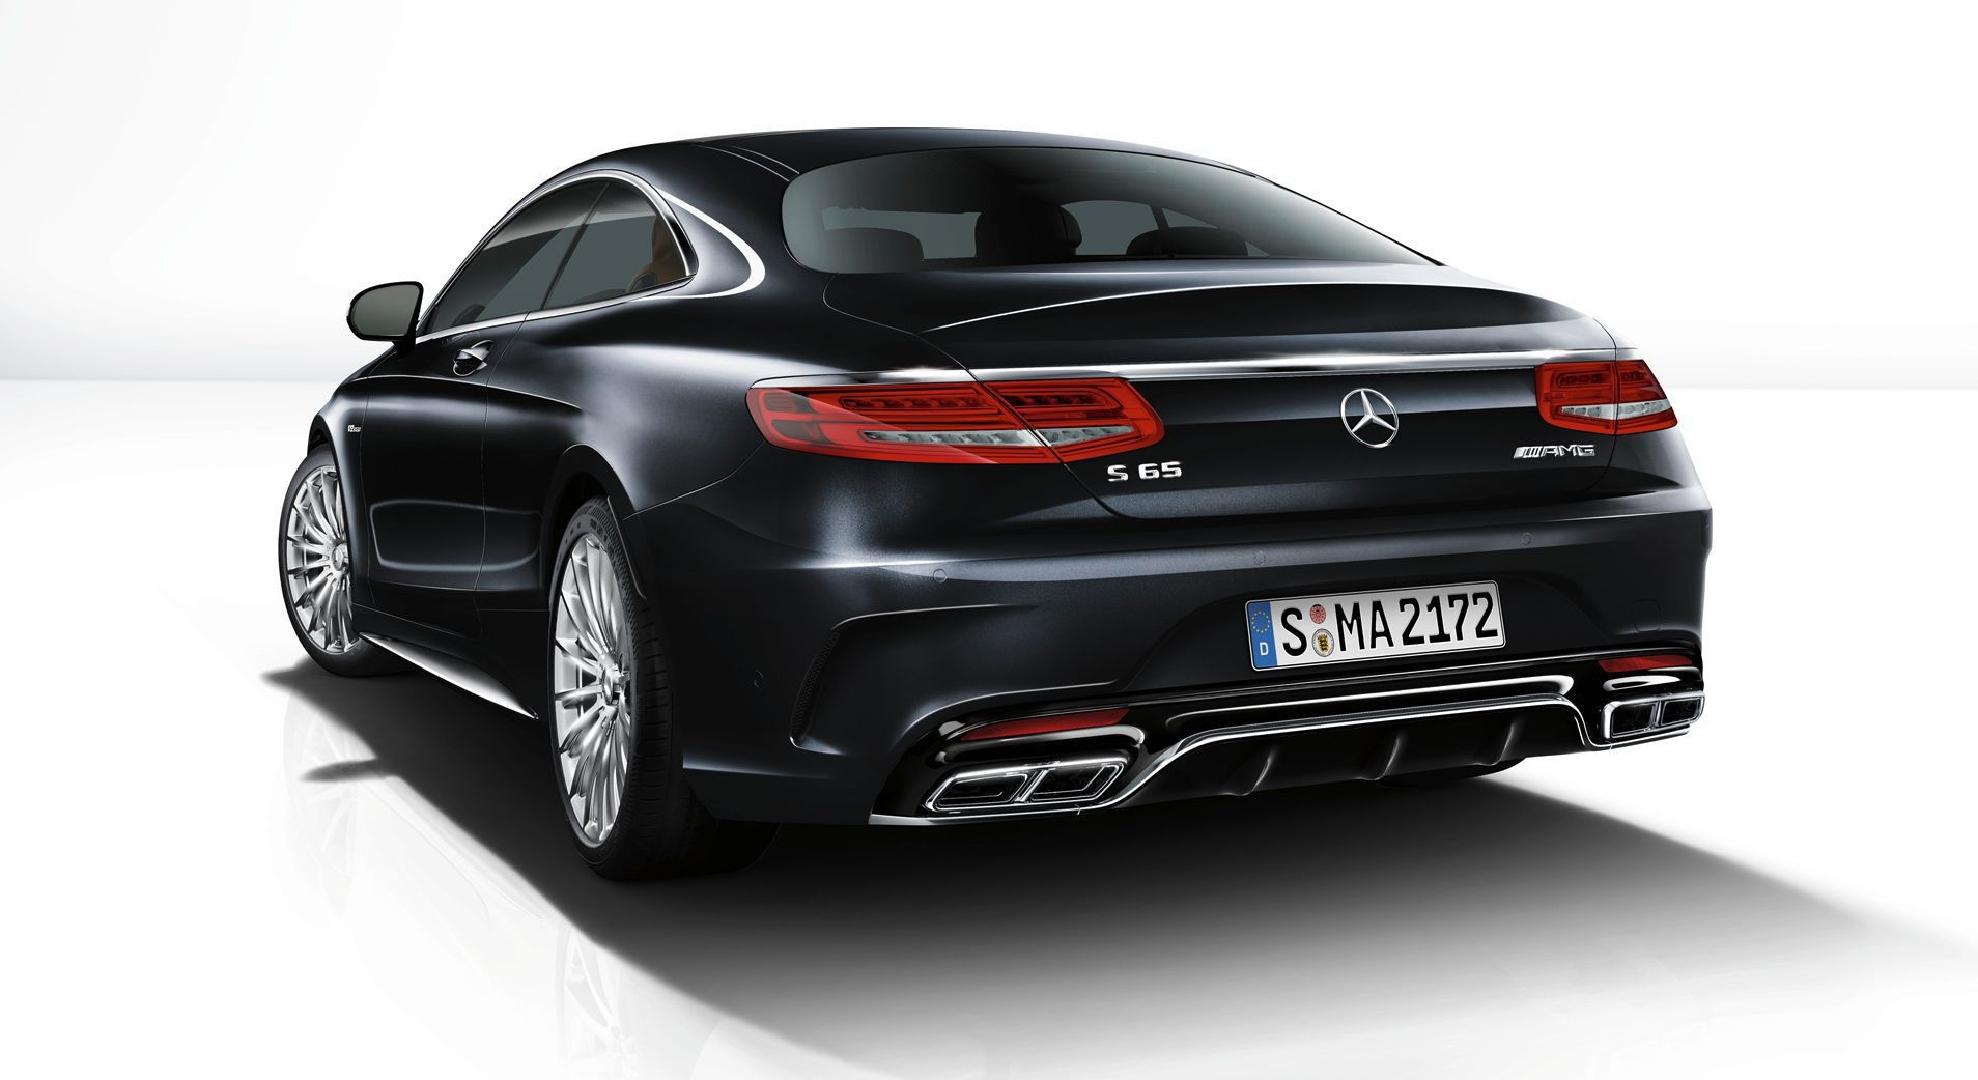 Mercedes Benz S65 Amg For Desktop